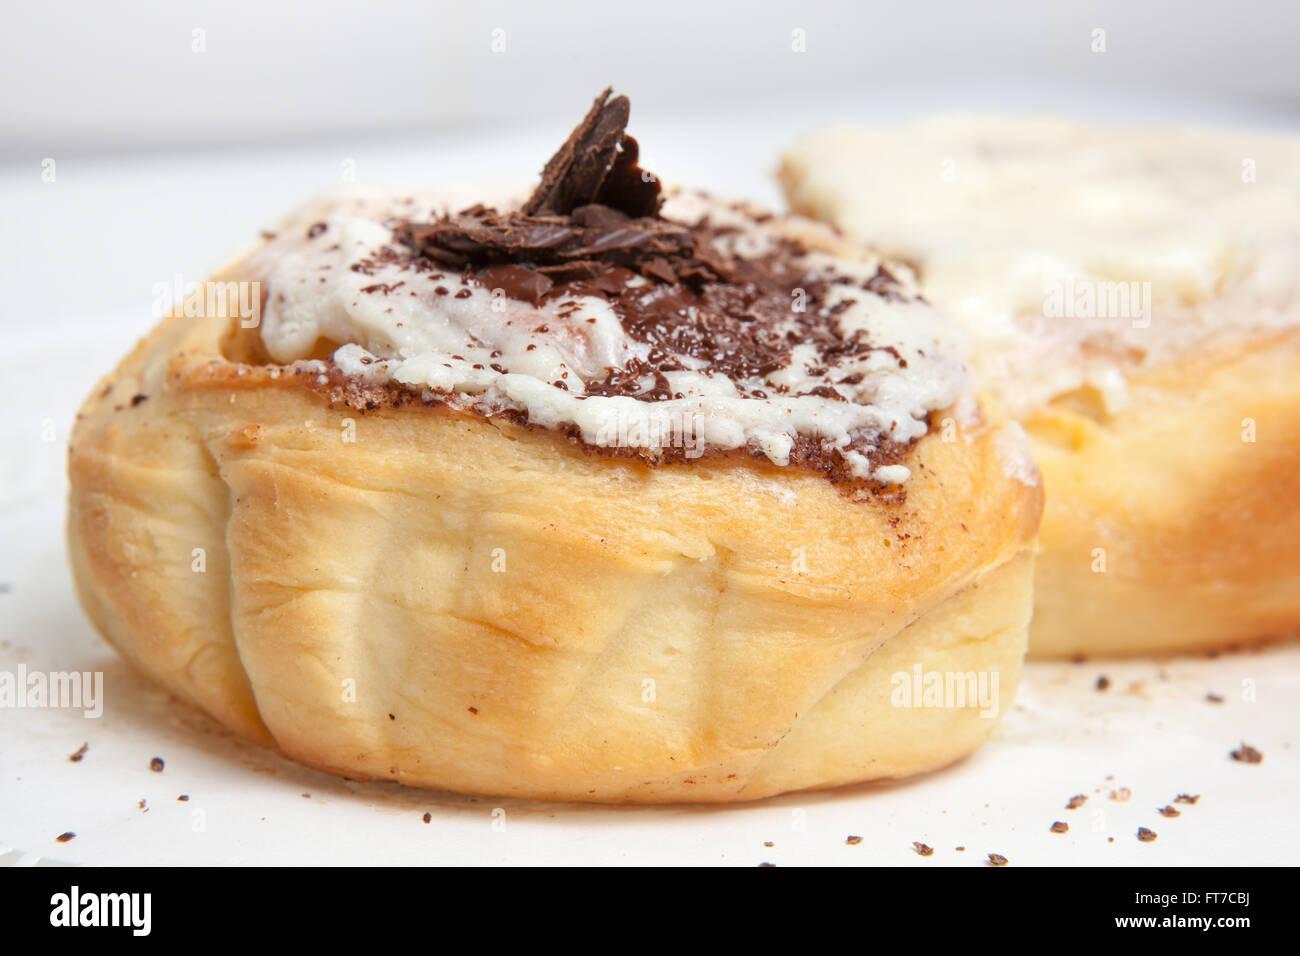 Cheesecake, différentes sortes de crème glacée et de desserts pour le menu du restaurant et cafés, Photo Stock